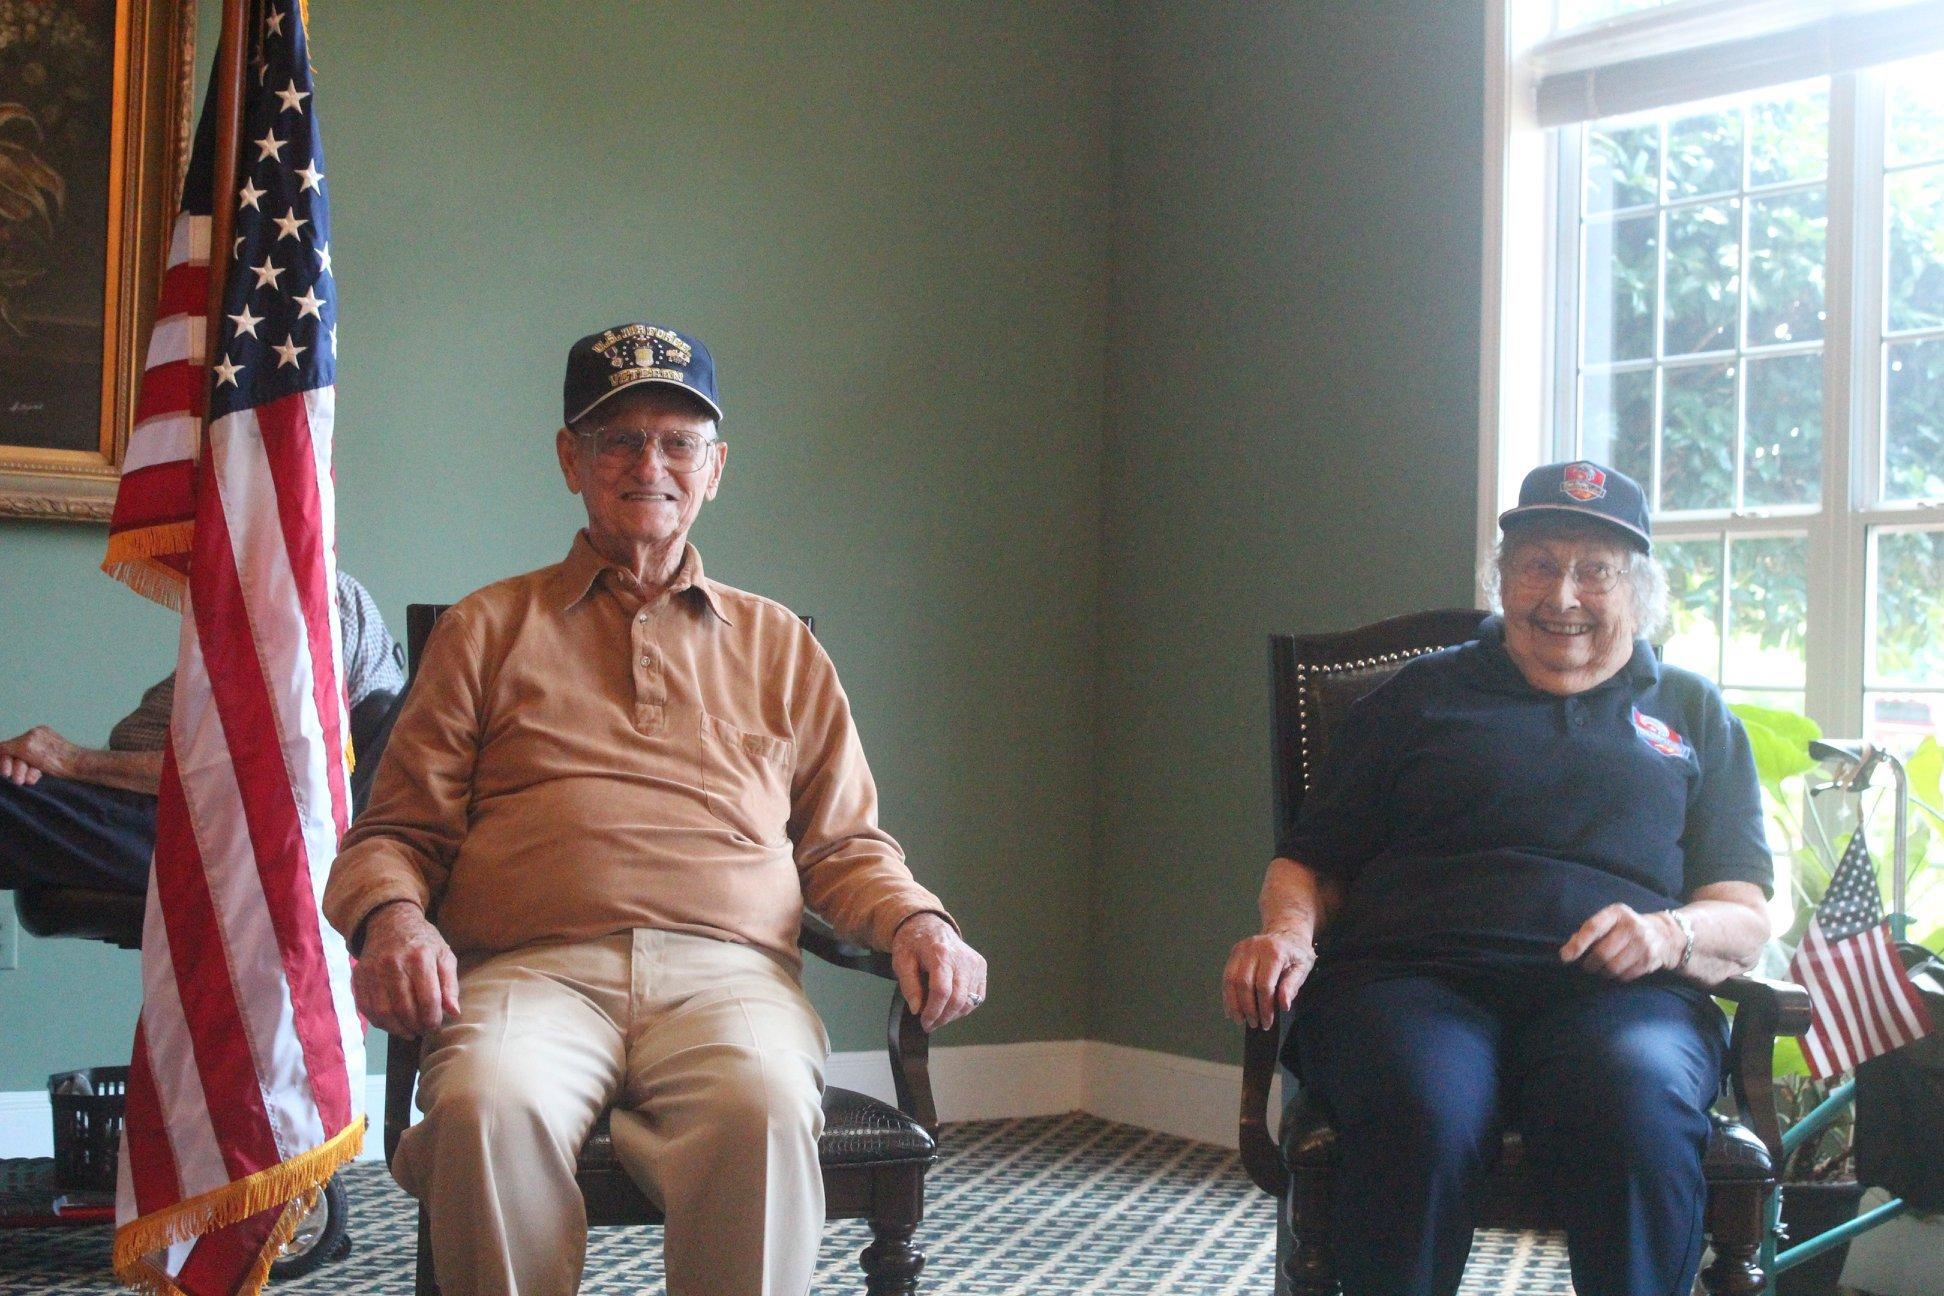 Brasstown Manor Senior Living - Quilt of Valor, Veterans 2018